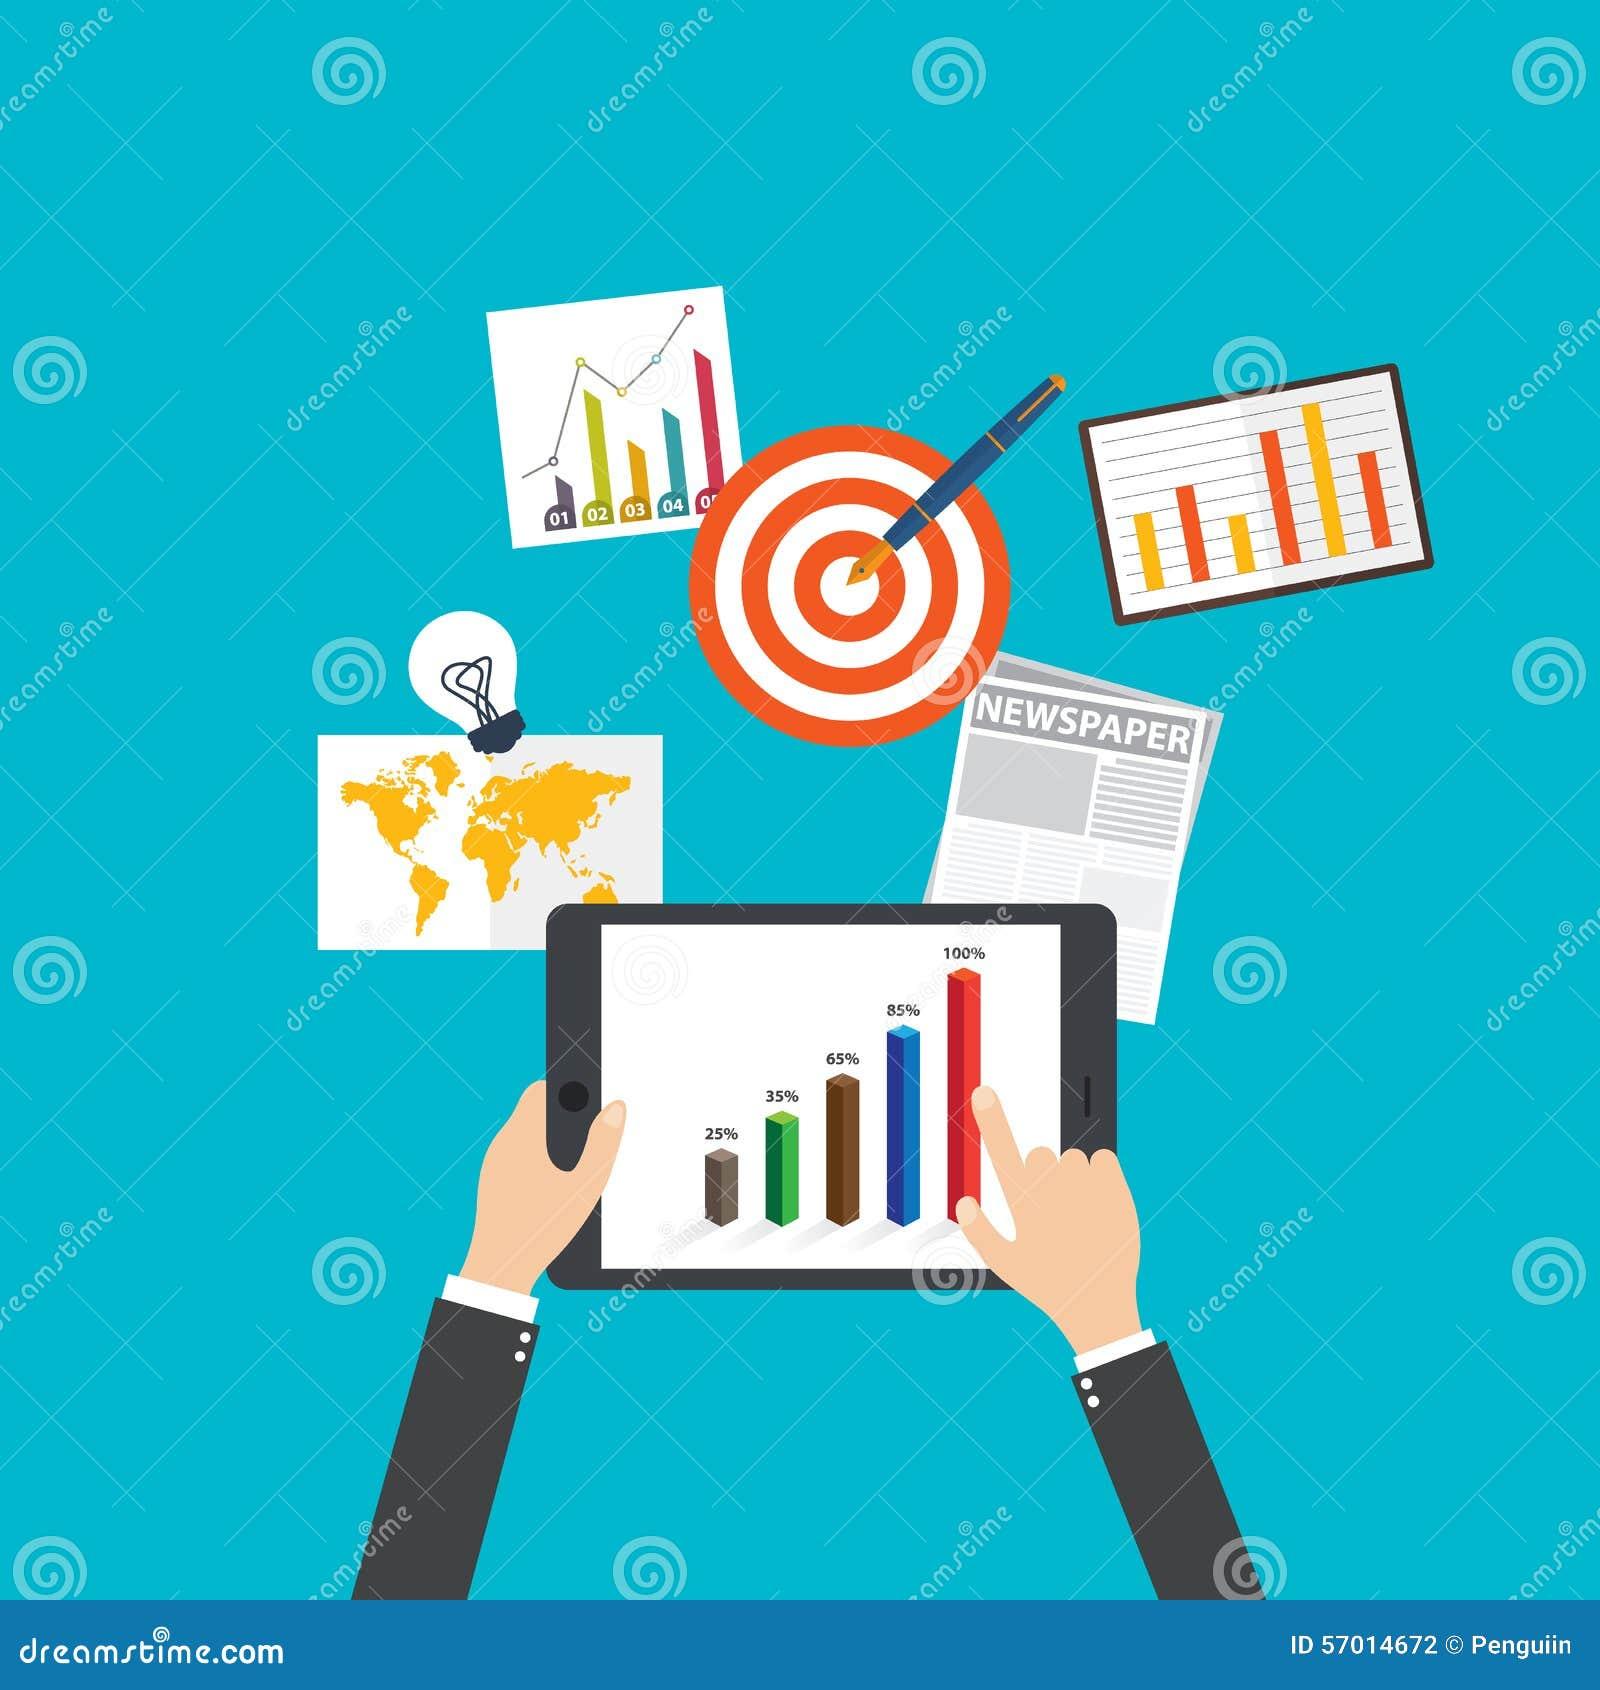 Conceptos de diseño planos para el negocio y las finanzas noticias en línea del businessl, ejemplo del vector